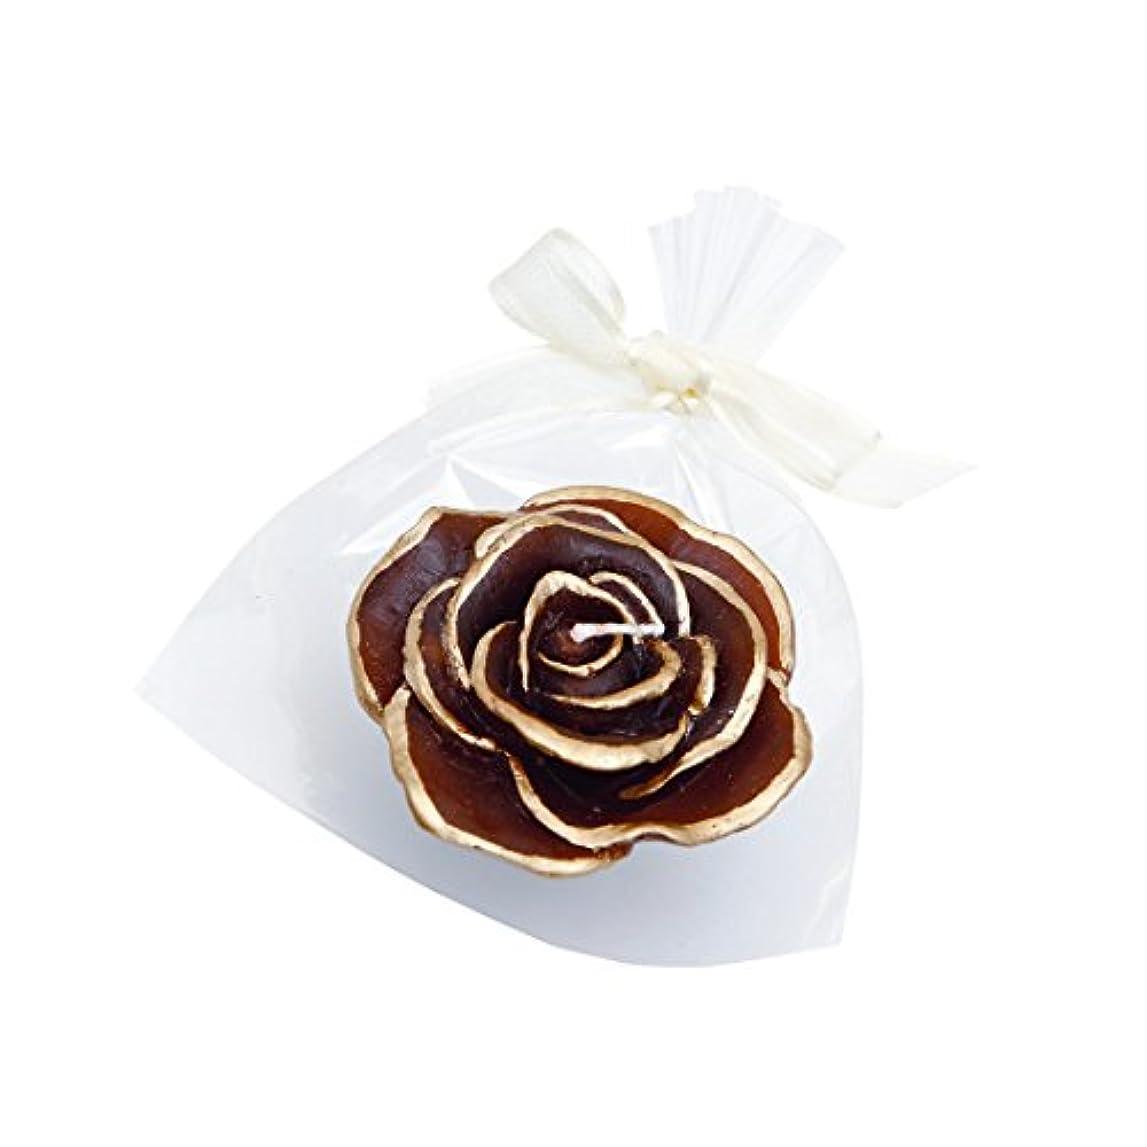 広大なキャロライン矩形プリンセスローズ 「 チョコレート 」